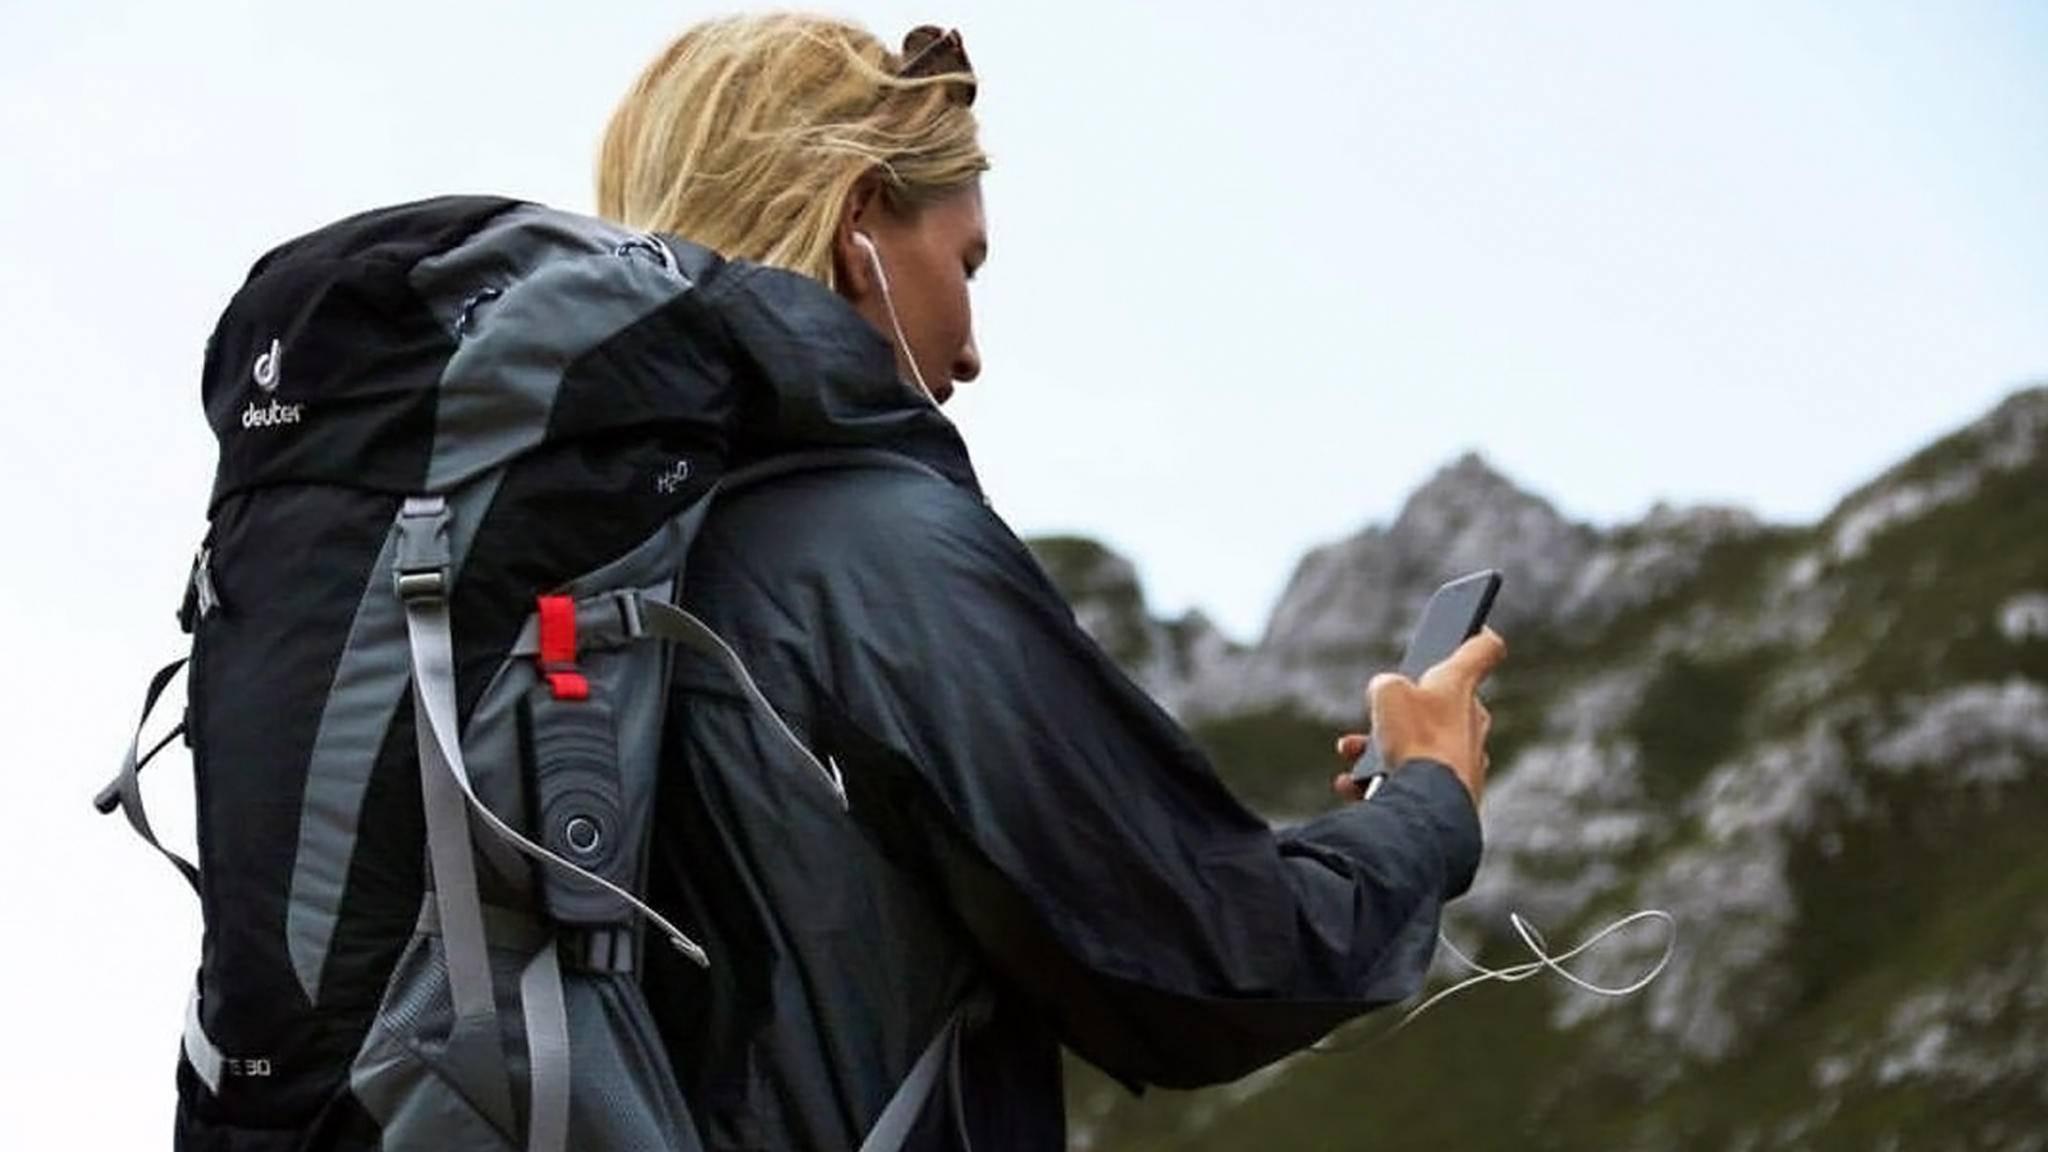 Kommunikations-Gadgets wie Gotoky sorgen dafür, dass Du in jeder Umgebung mit anderen in Verbindung bleiben kannst.